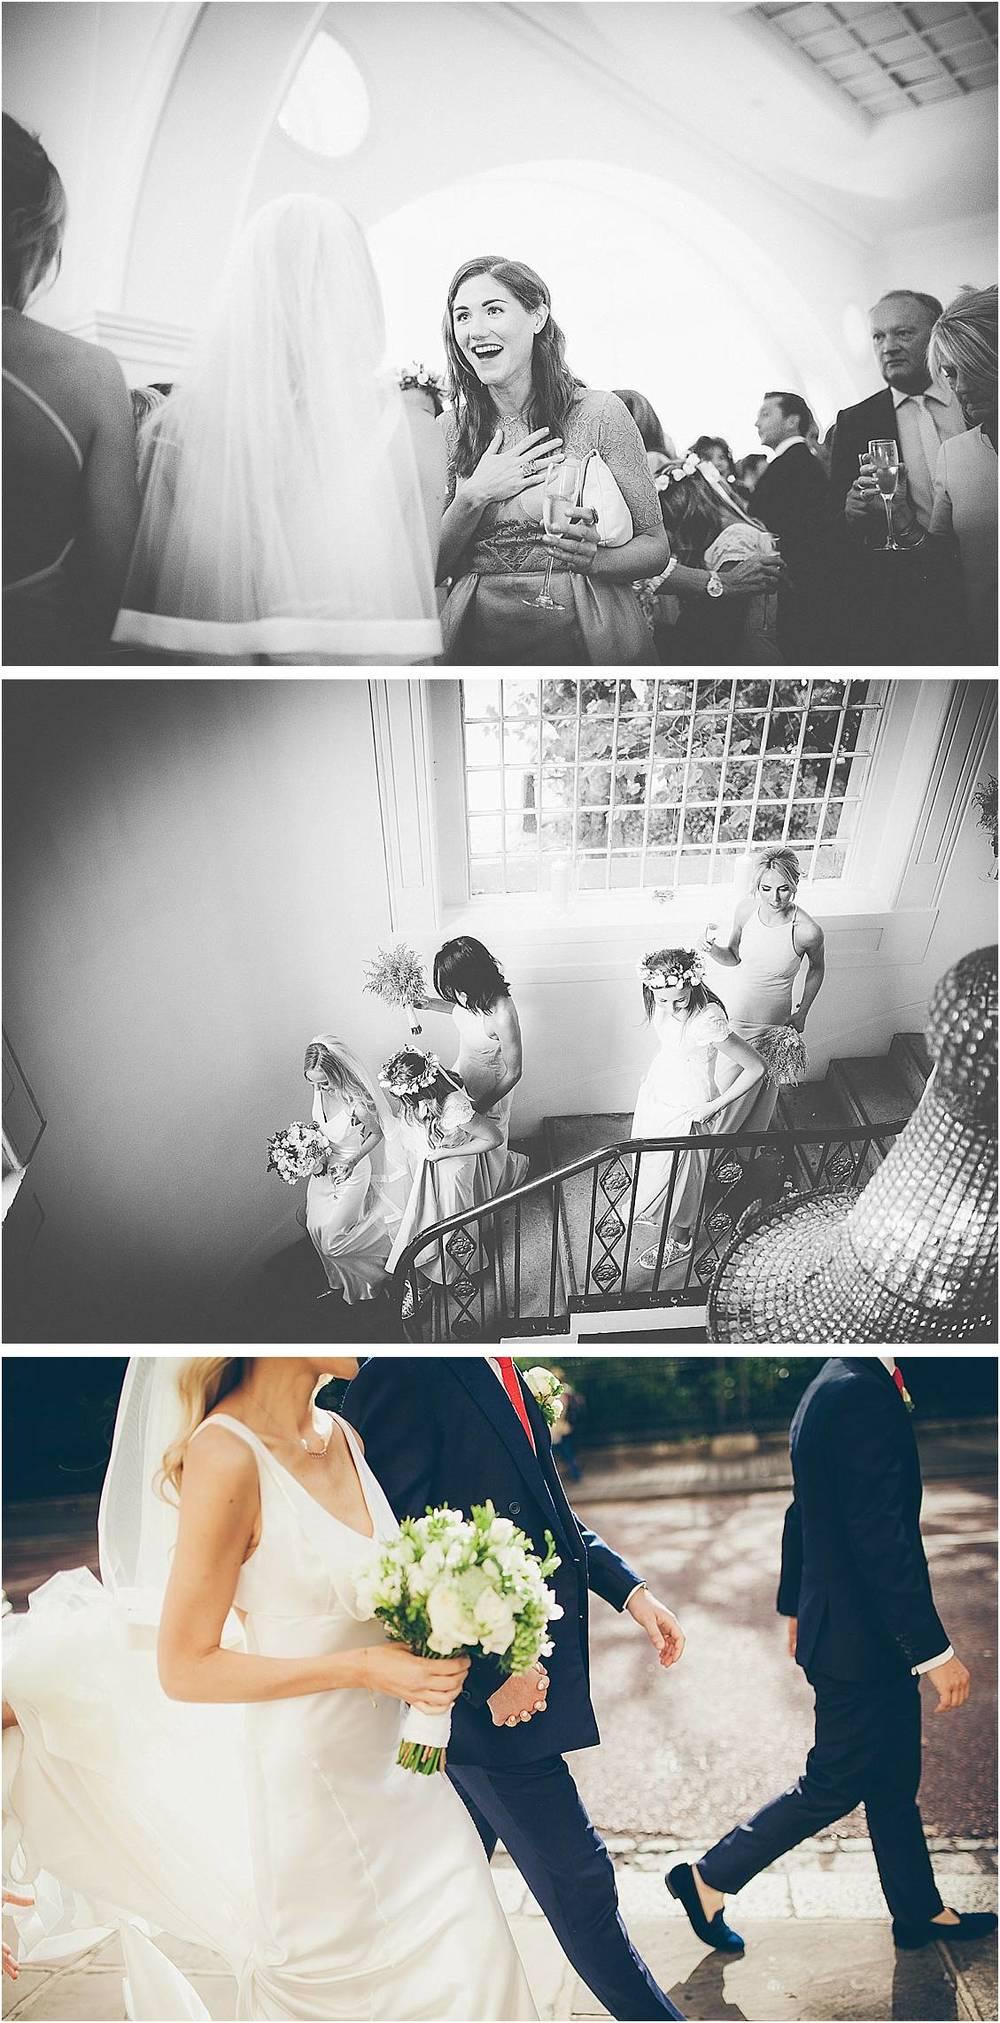 Boud_FionaclairPhotography_OneMarlyebone_Blog-152.jpg